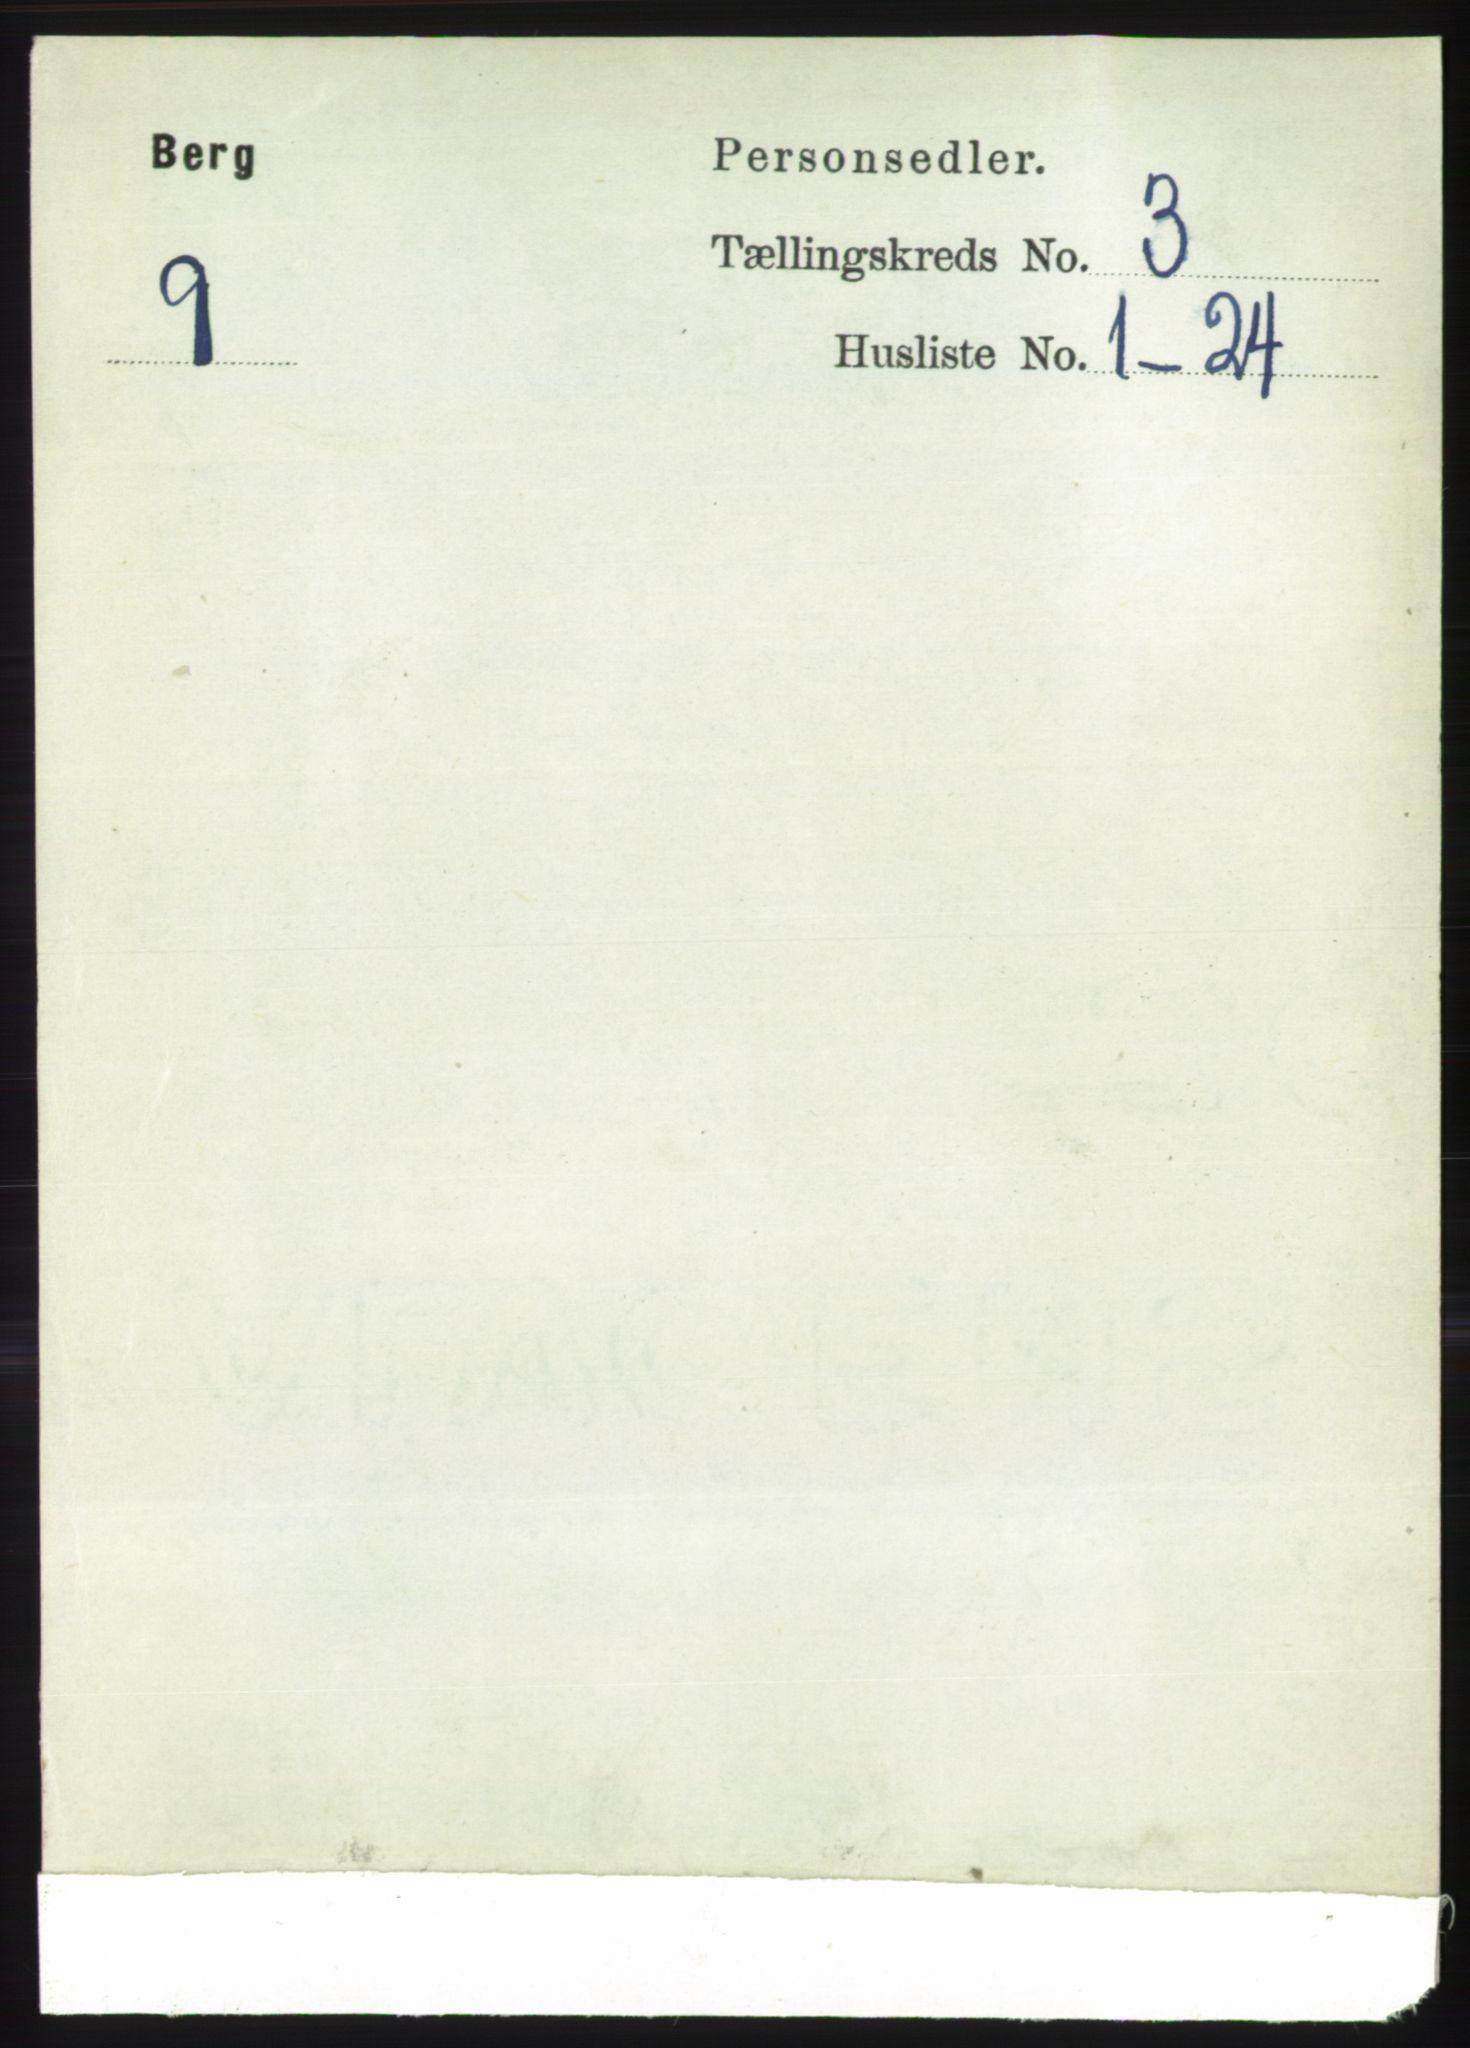 RA, Folketelling 1891 for 1929 Berg herred, 1891, s. 1020